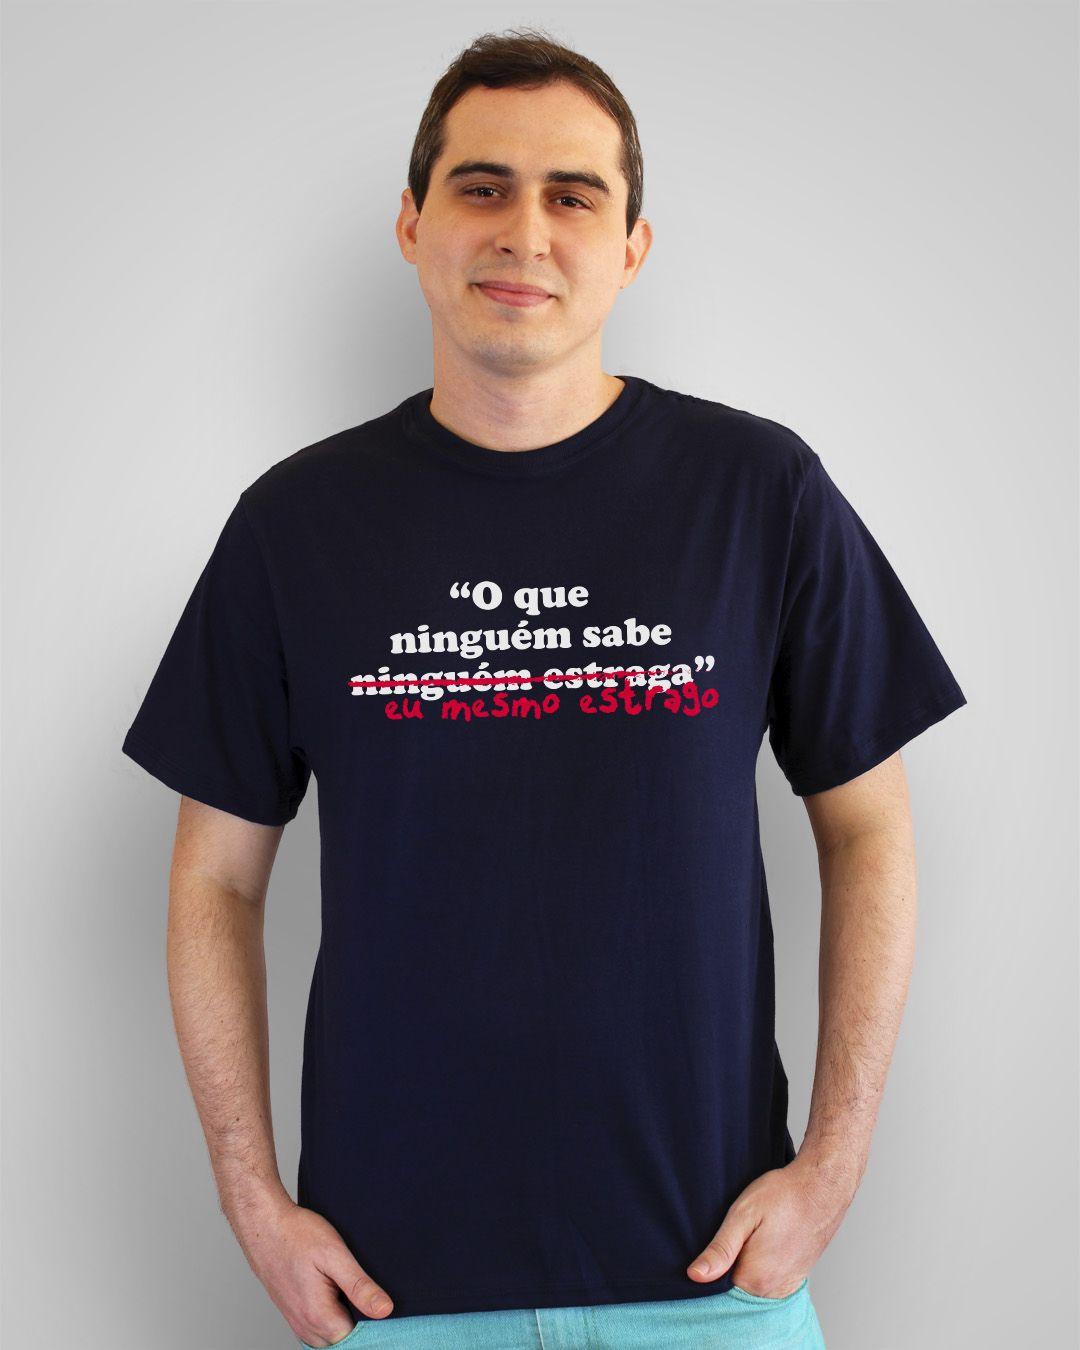 Camiseta O que ninguém sabe, eu mesmo estrago